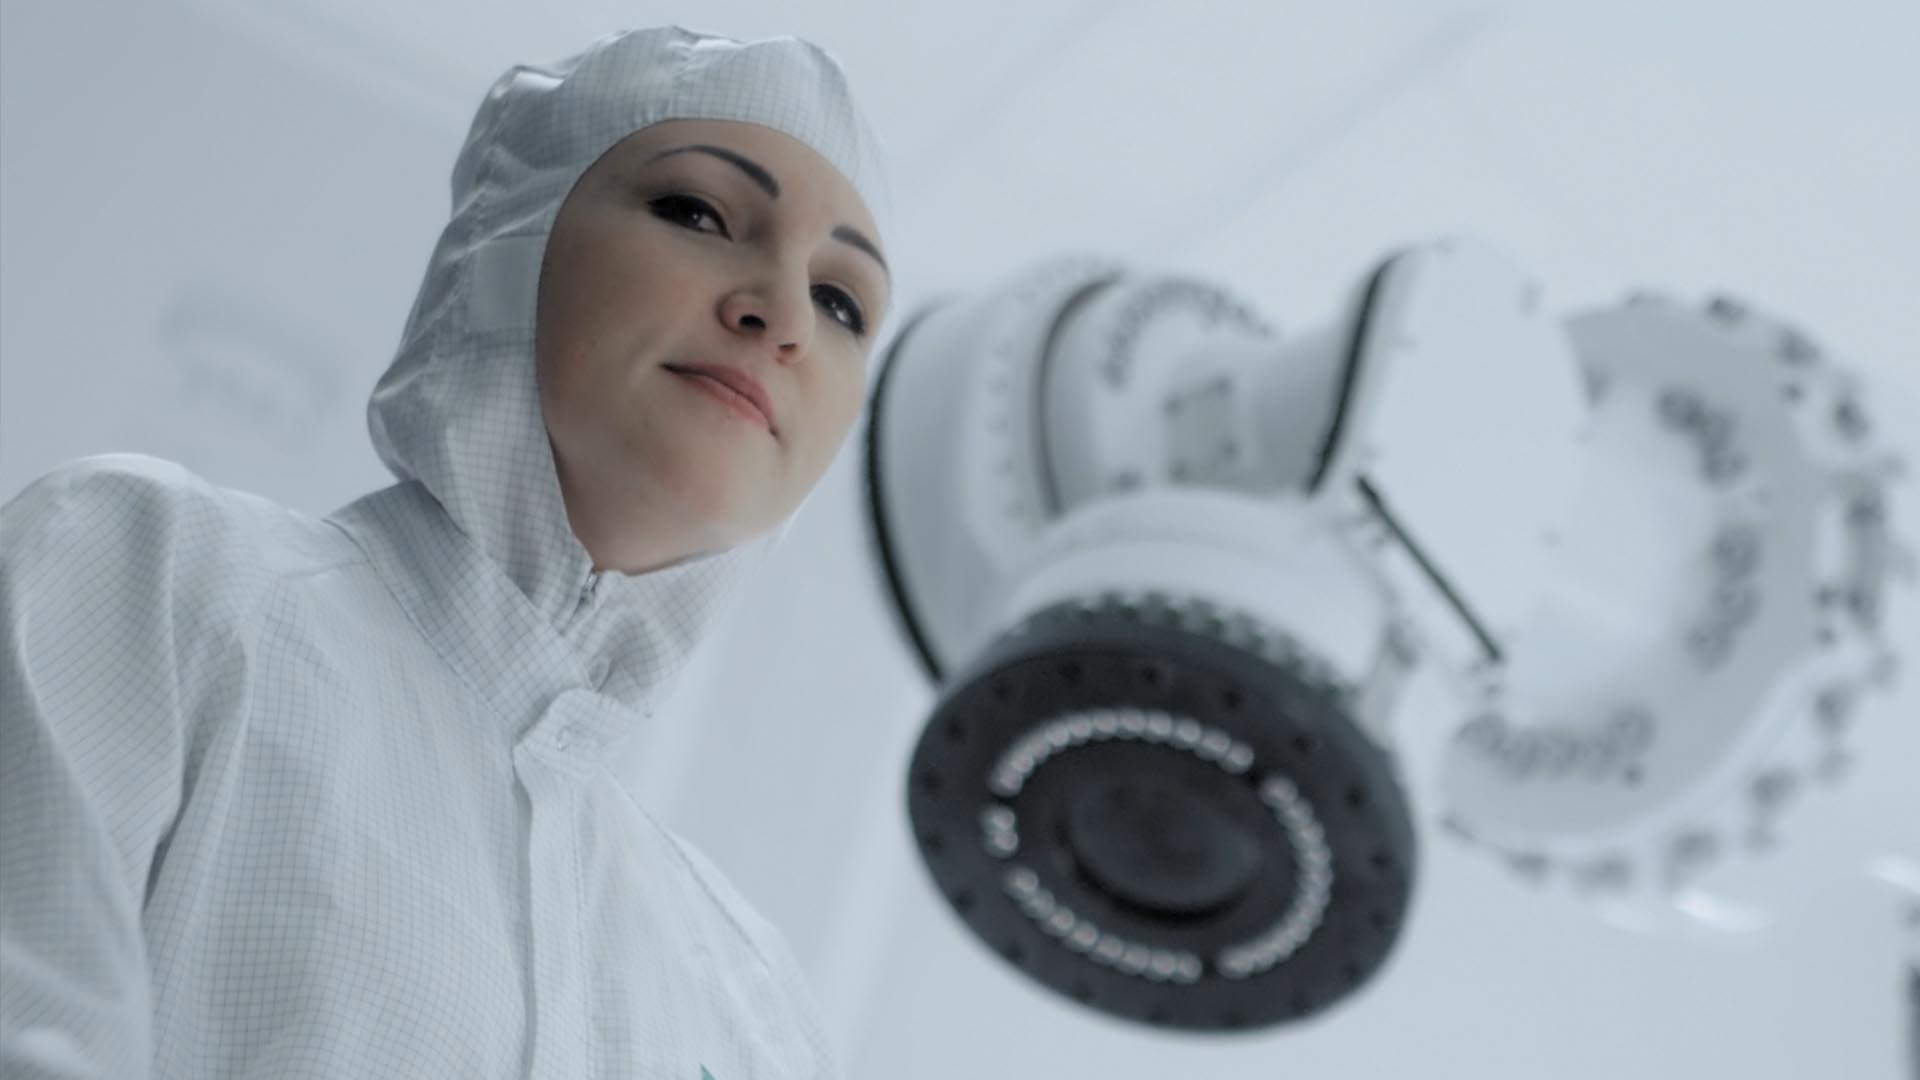 Ausschnitt aus dem Fraunhofer Recruitingspot, eine Frau in Schutzanzug steht vor einer Maschine